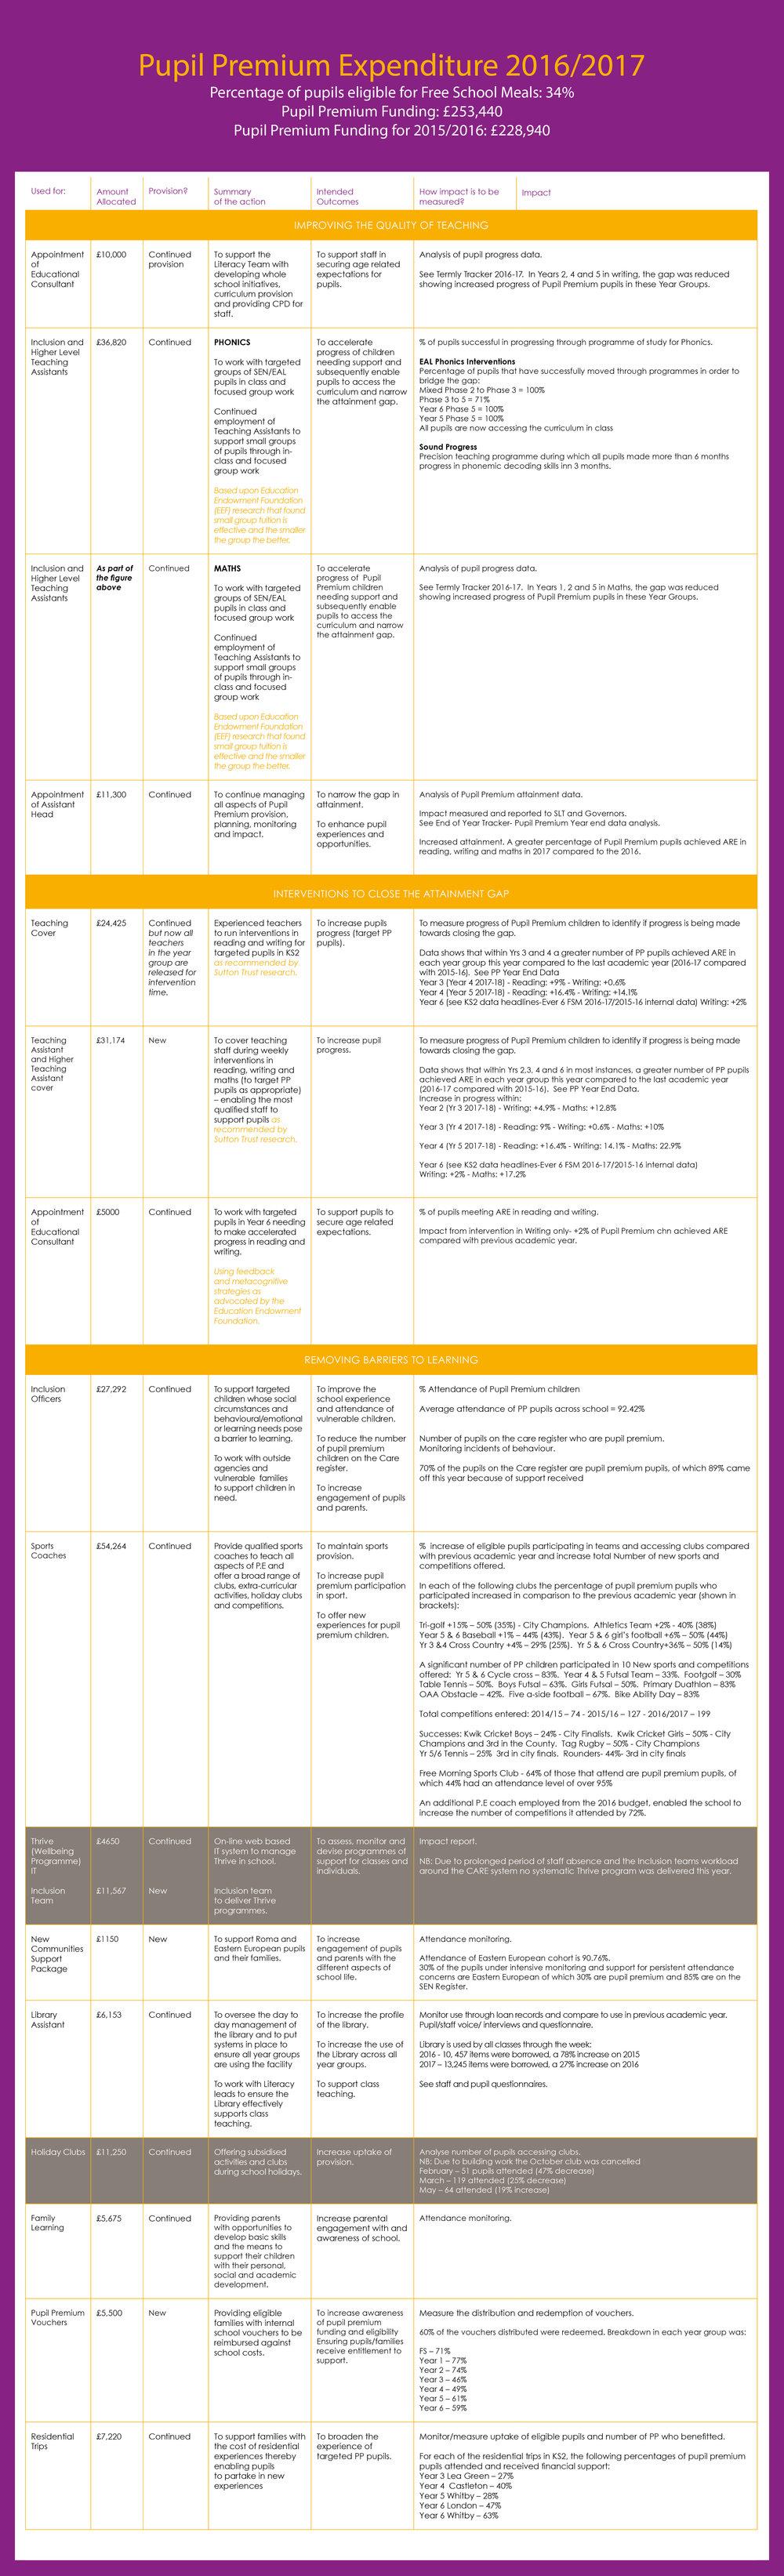 Pupil Premium Web Document 2018.jpg